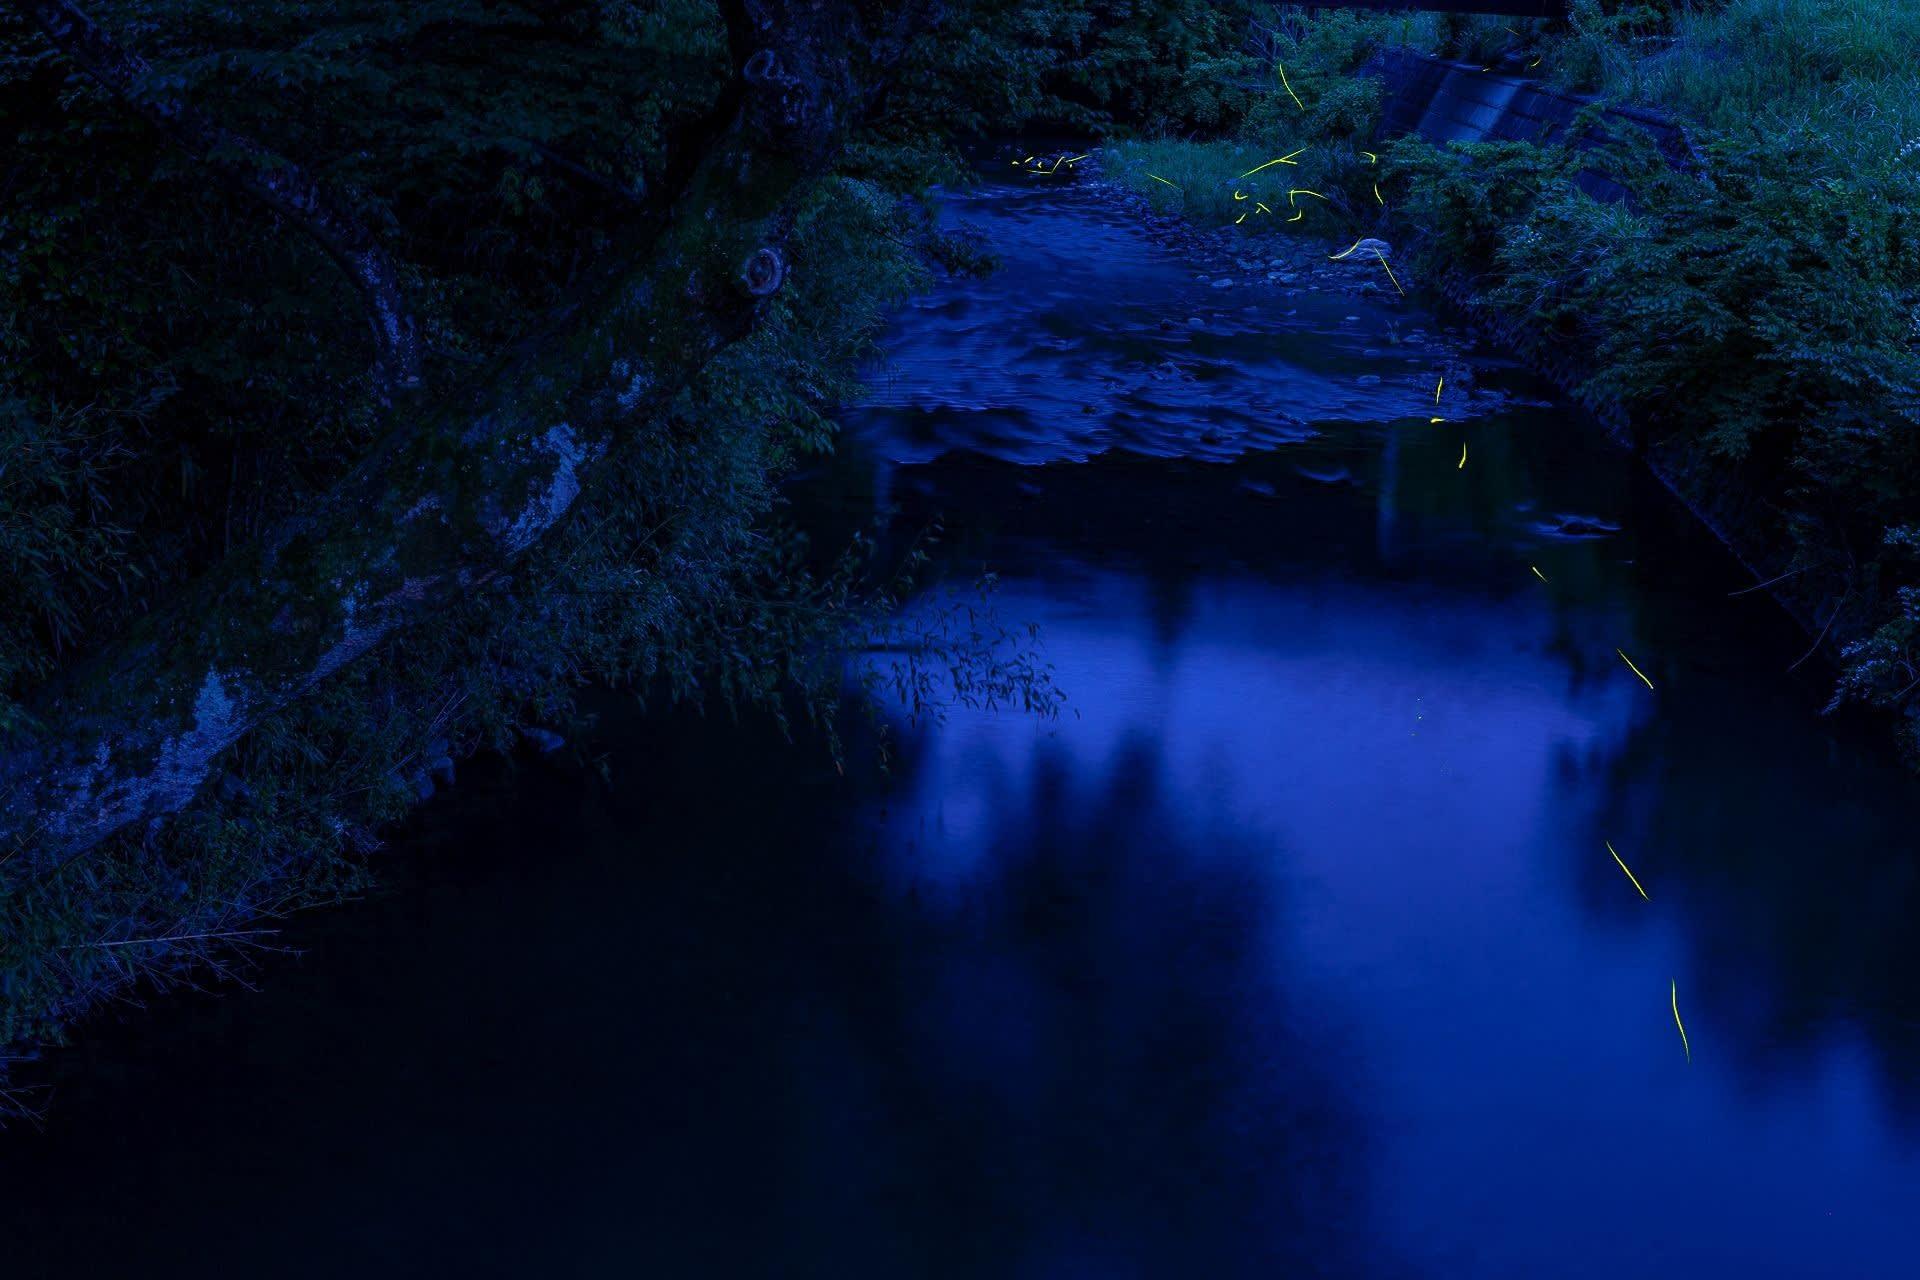 ゲンジボタル(関ケ原)の写真